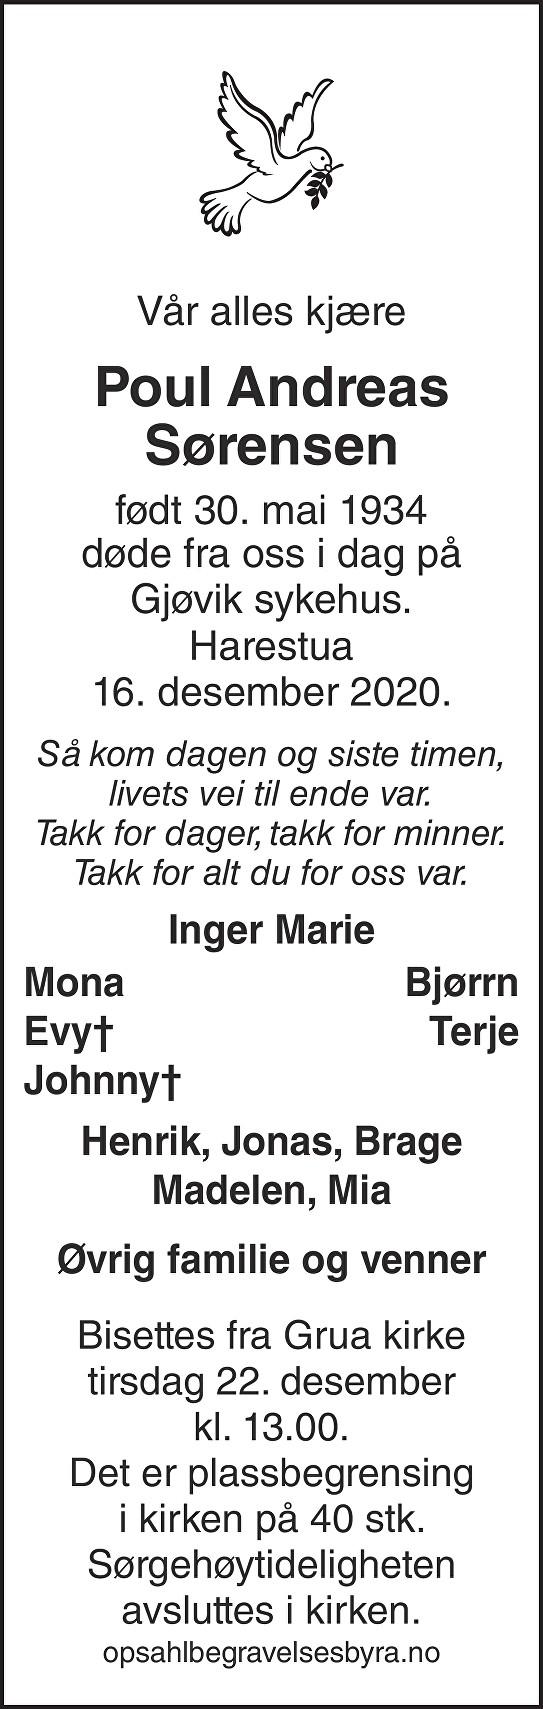 Poul Andreas Sørensen Dødsannonse